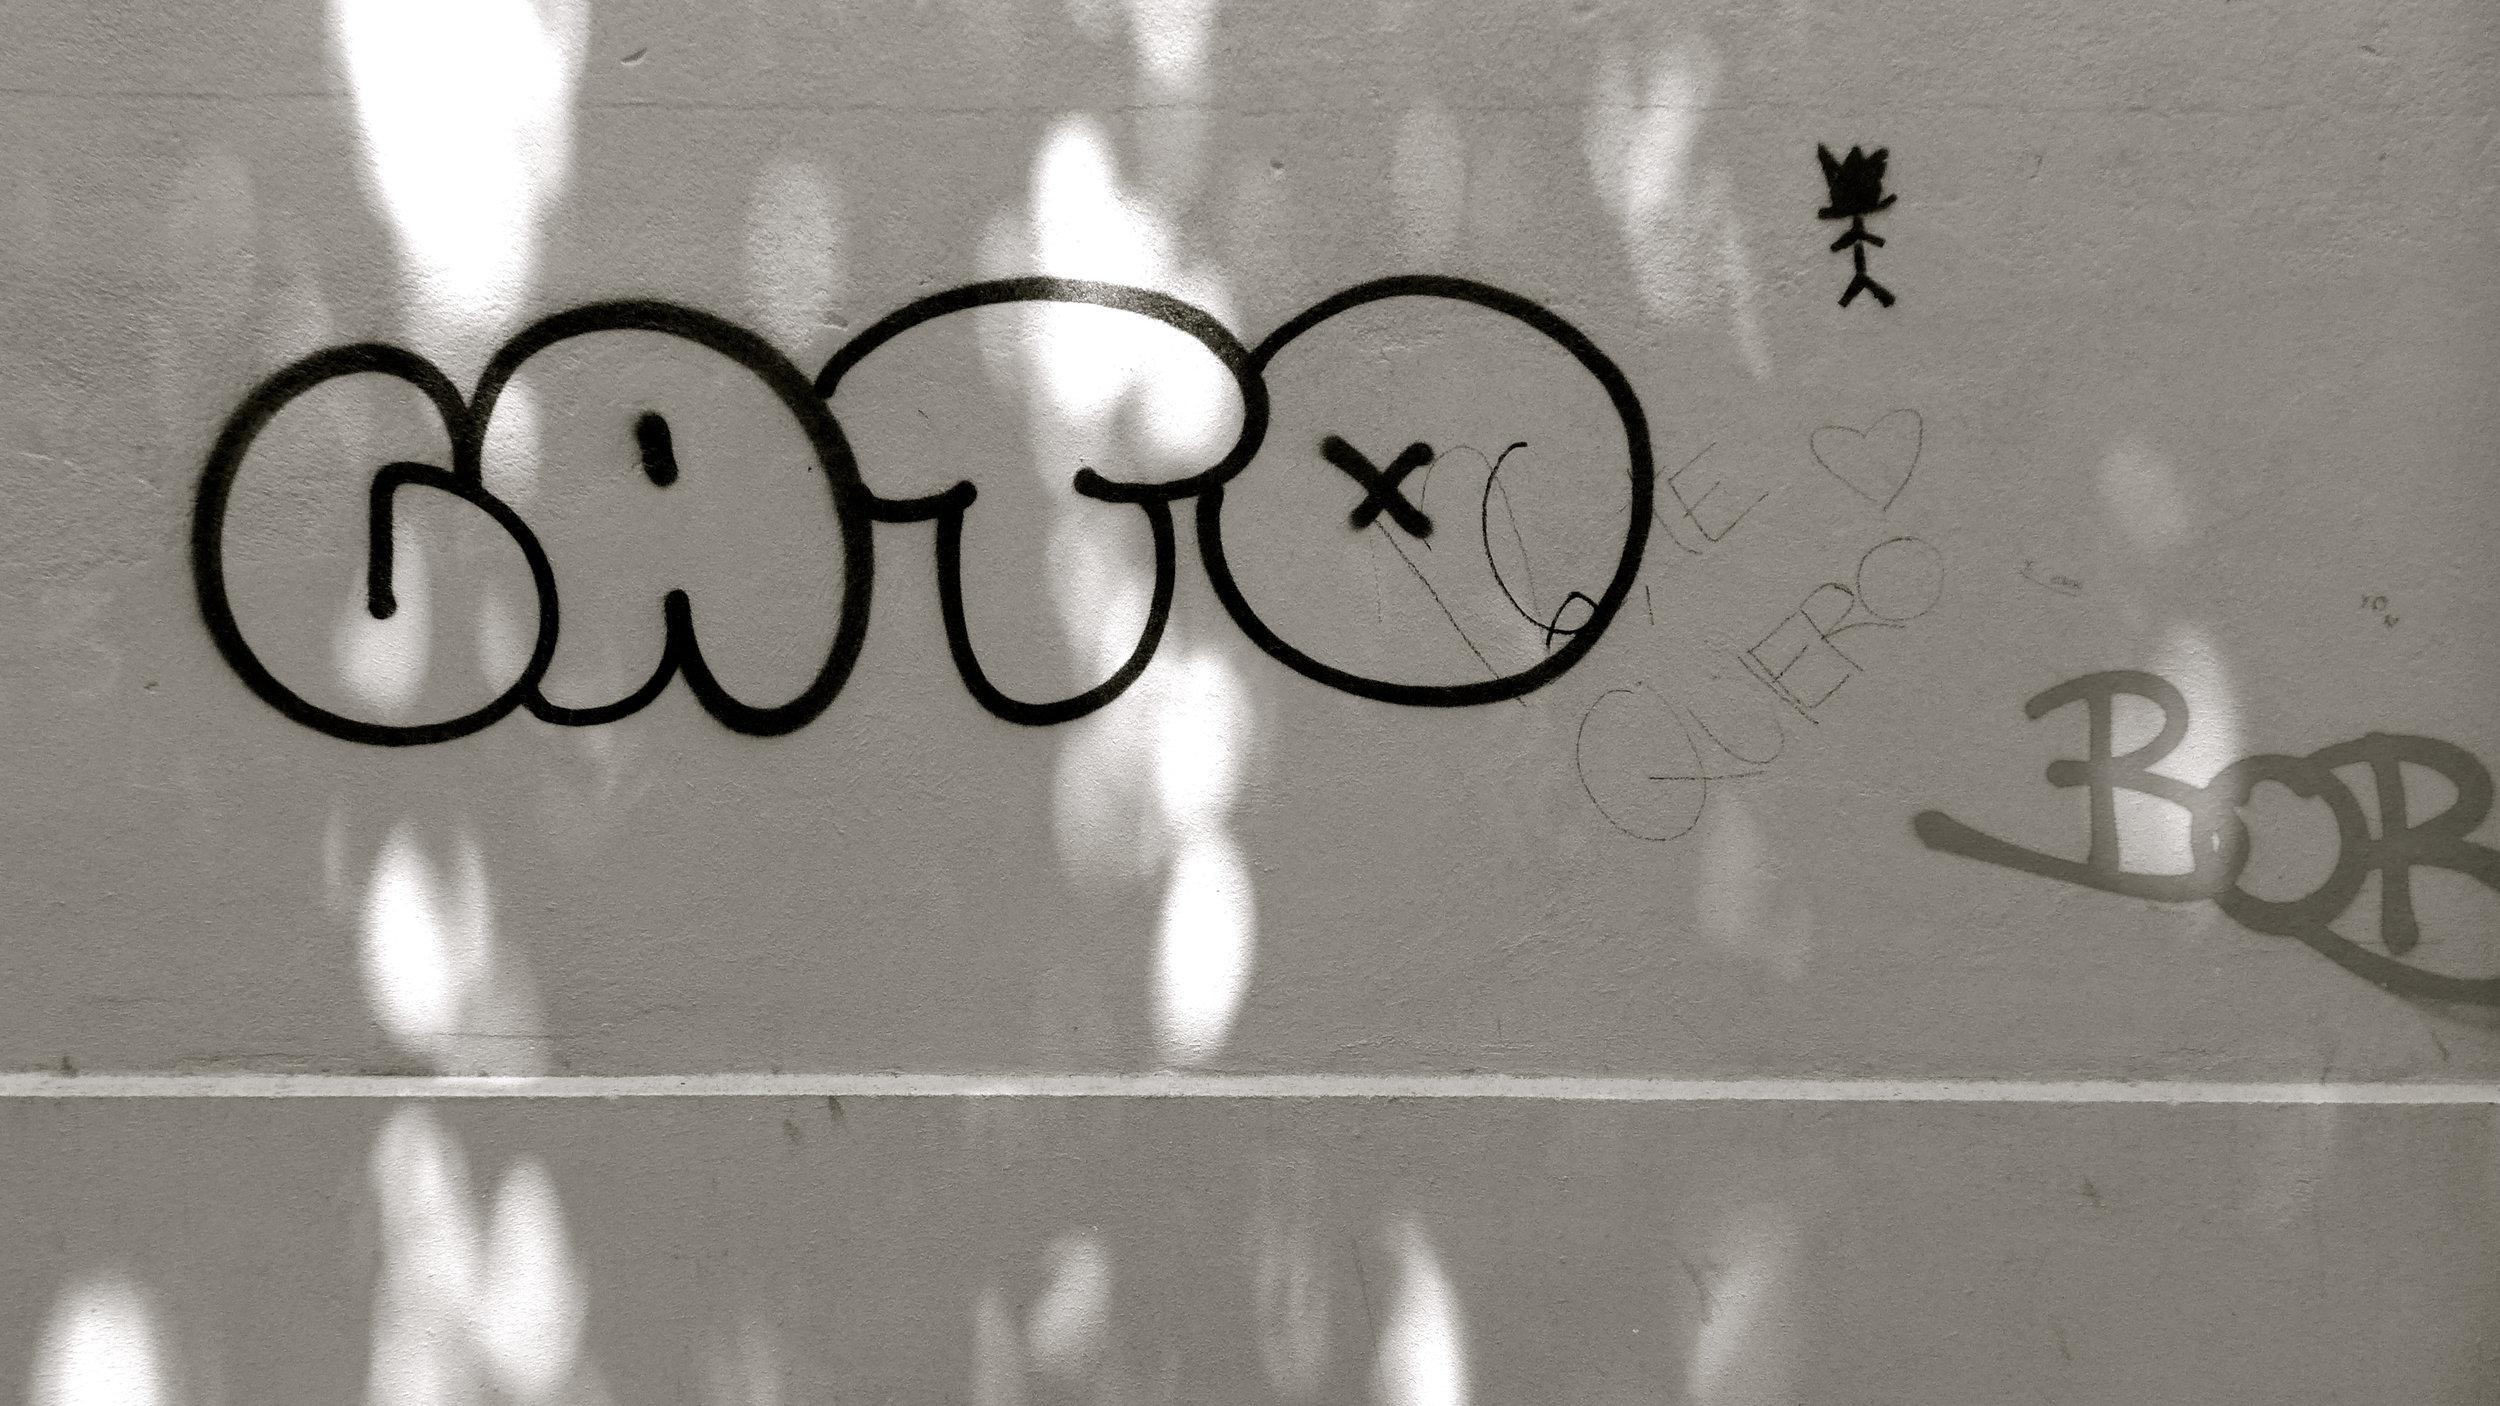 Graffiti Gato